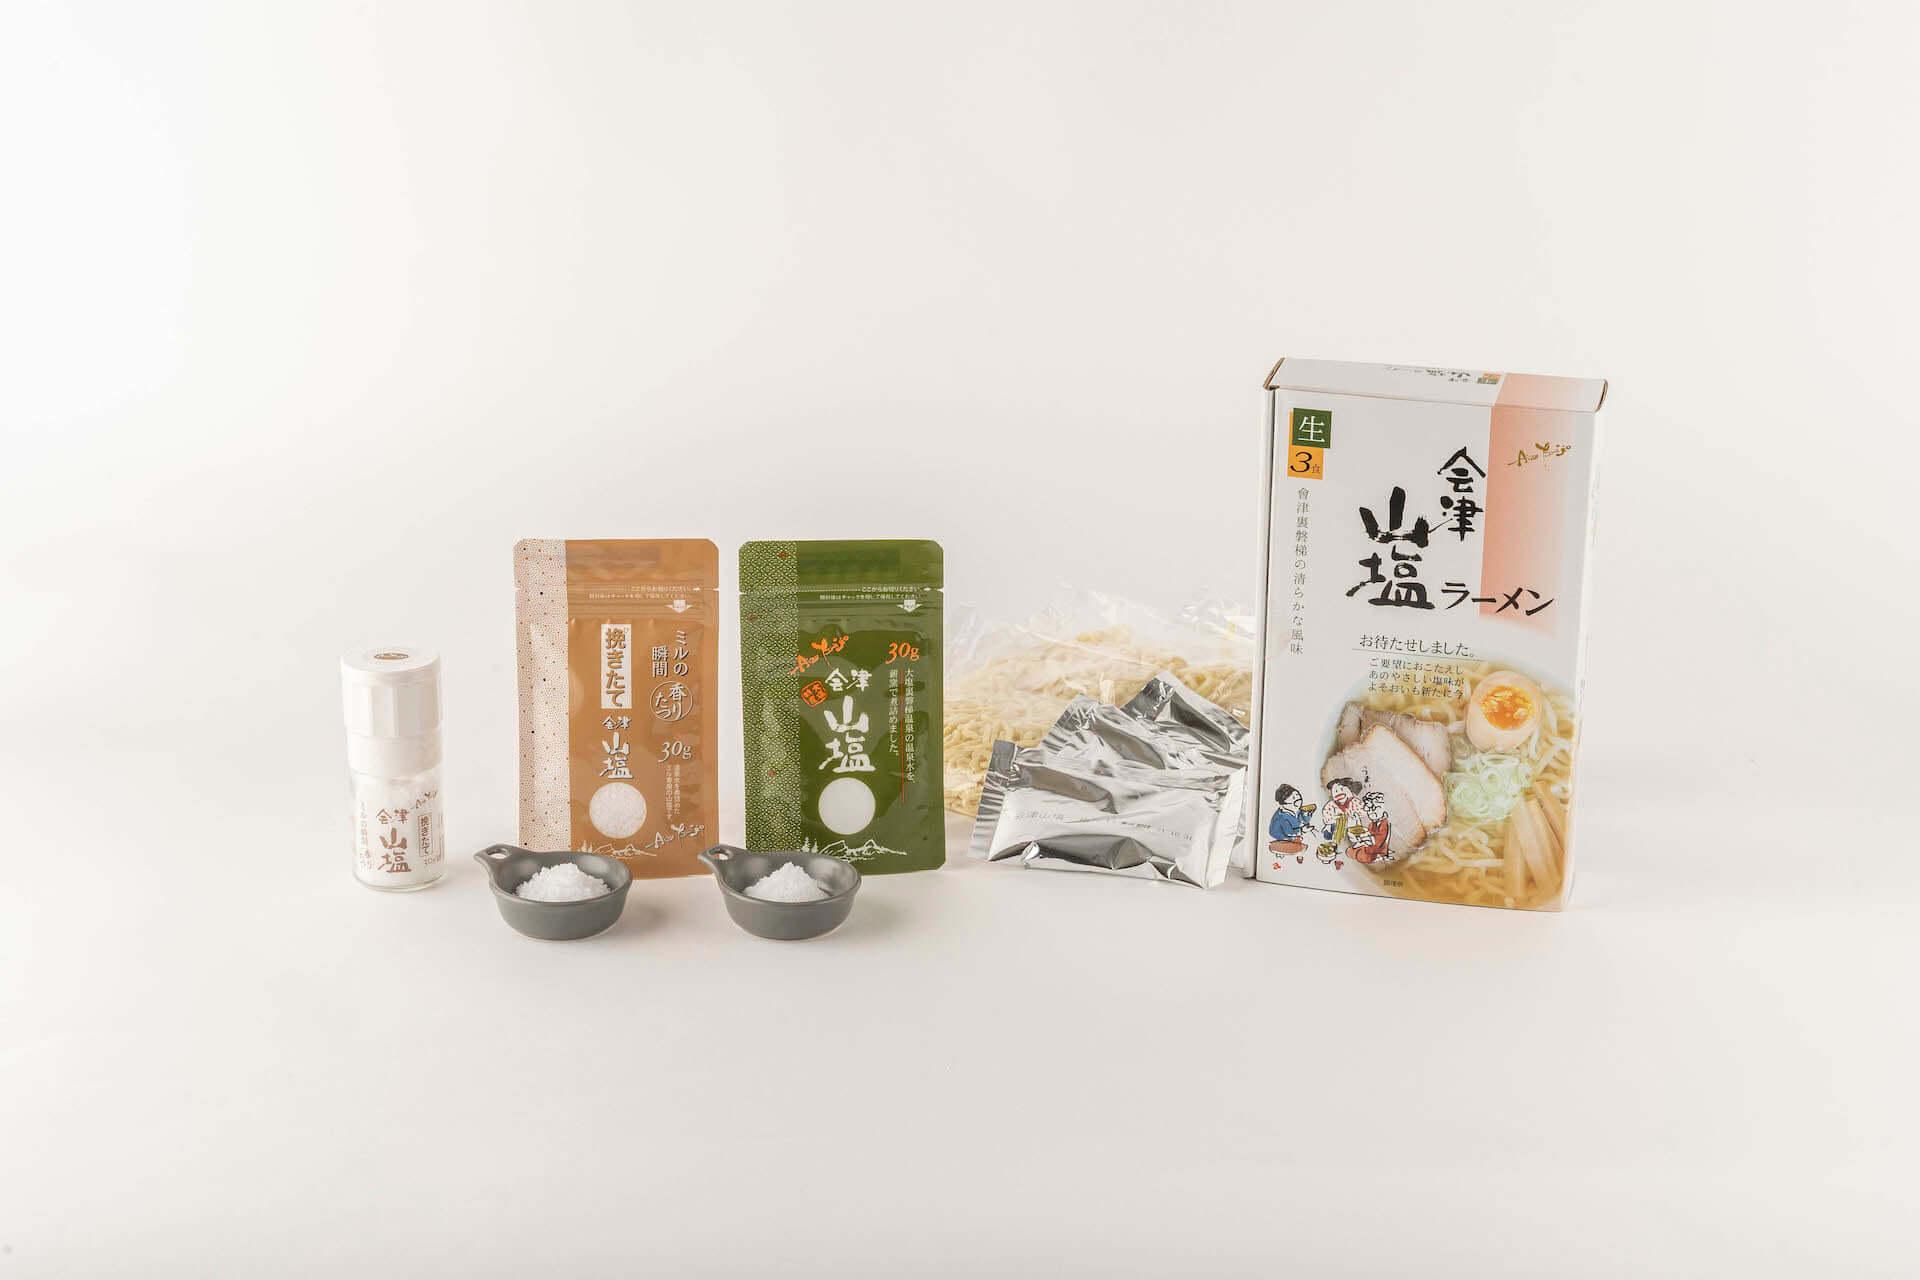 ビームスと福島県によるプロジェクト「ふくしまものまっぷ」第25弾!温泉水を煮詰めて作る山塩『会津山塩』がBEAMS JAPANで発売 gourmet210125_beams_3-1920x1280